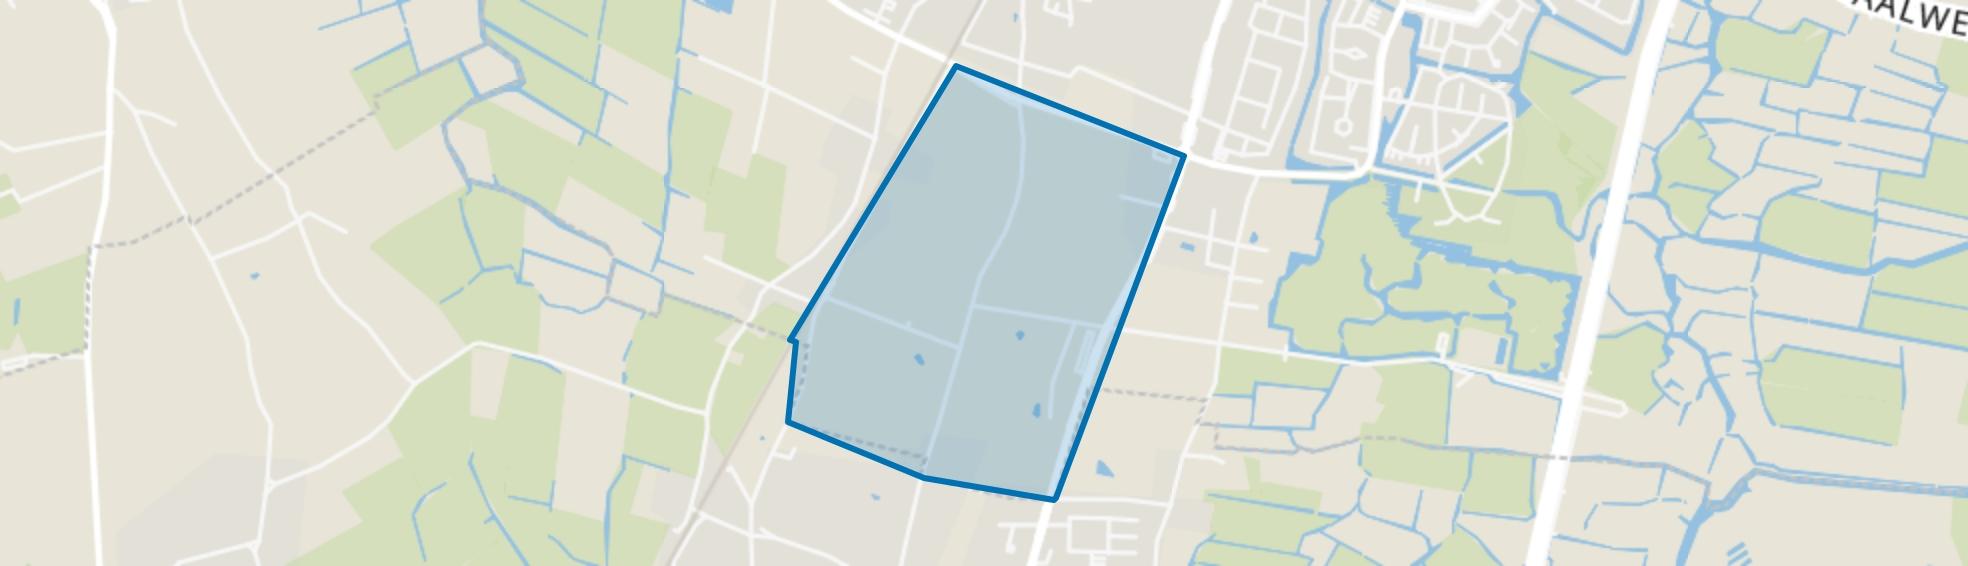 Kapelbuurt, Heiloo map